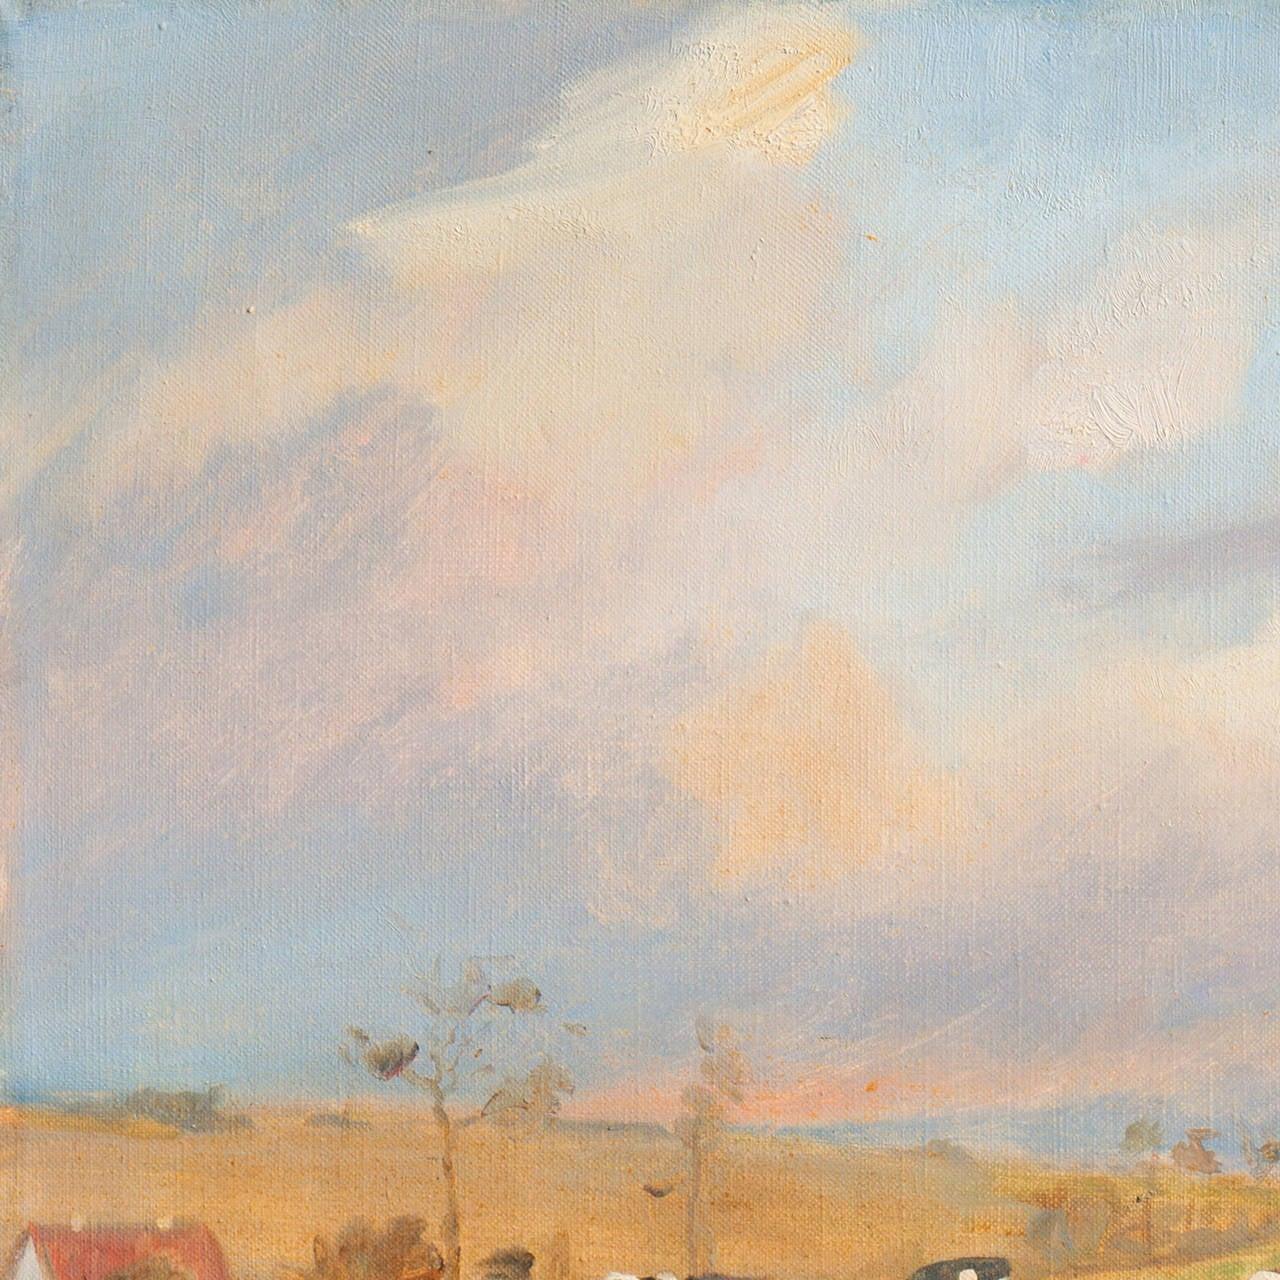 'Cattle at Pasture', Danish Impressionist Landscape oil, Paris, France  For Sale 2